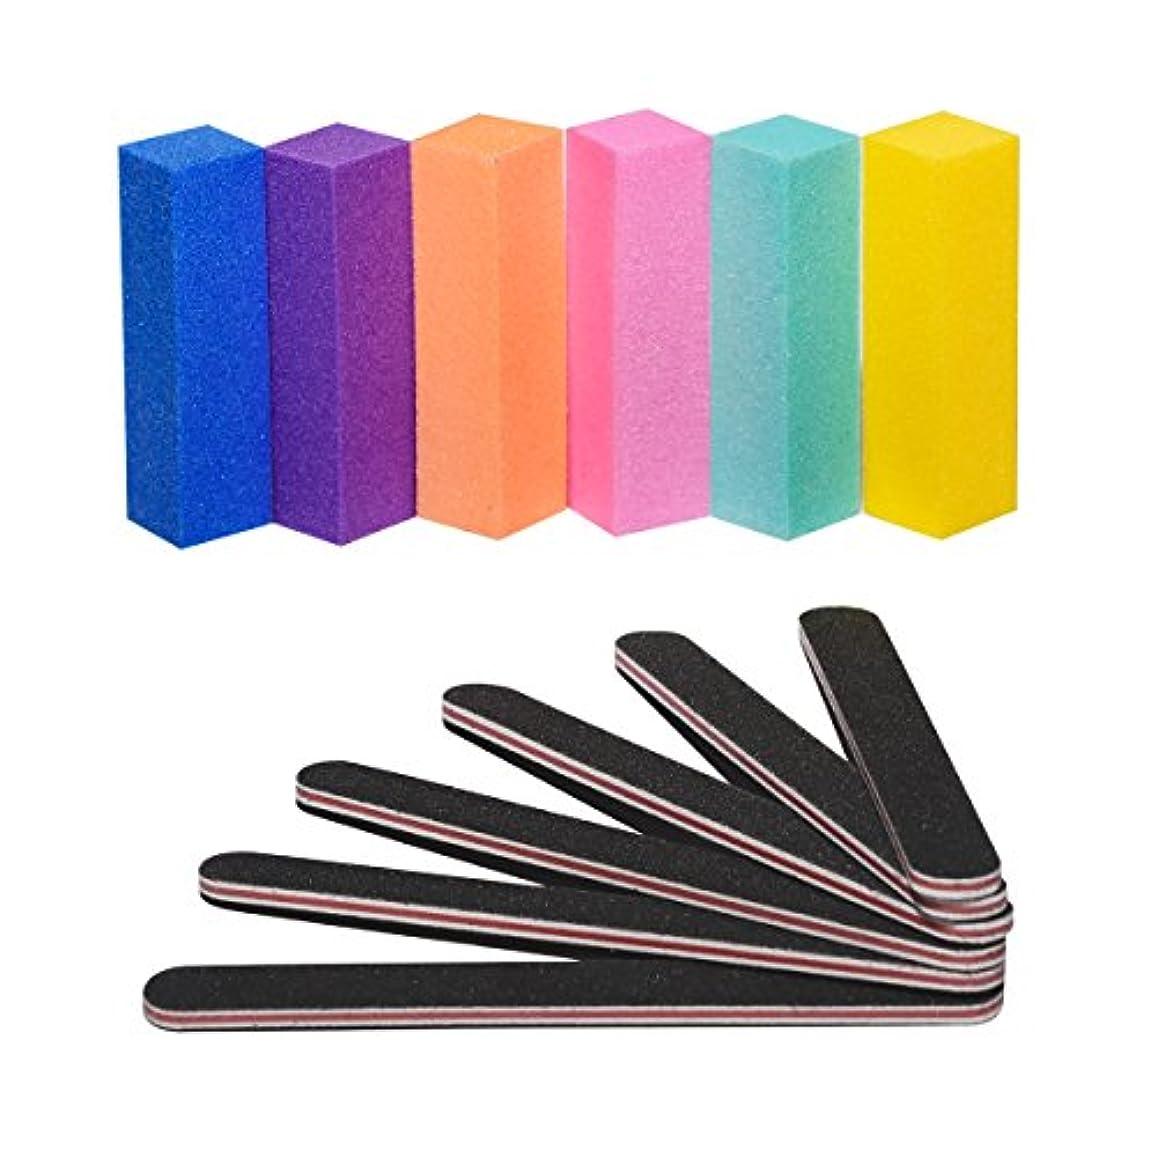 ジェルネイルバッファー ネイルファイル ネイルオフ 爪やすり 爪磨き 両面100/180バッファー 12本ブロックバッファー ブロックバッファー ネイルシャイナー